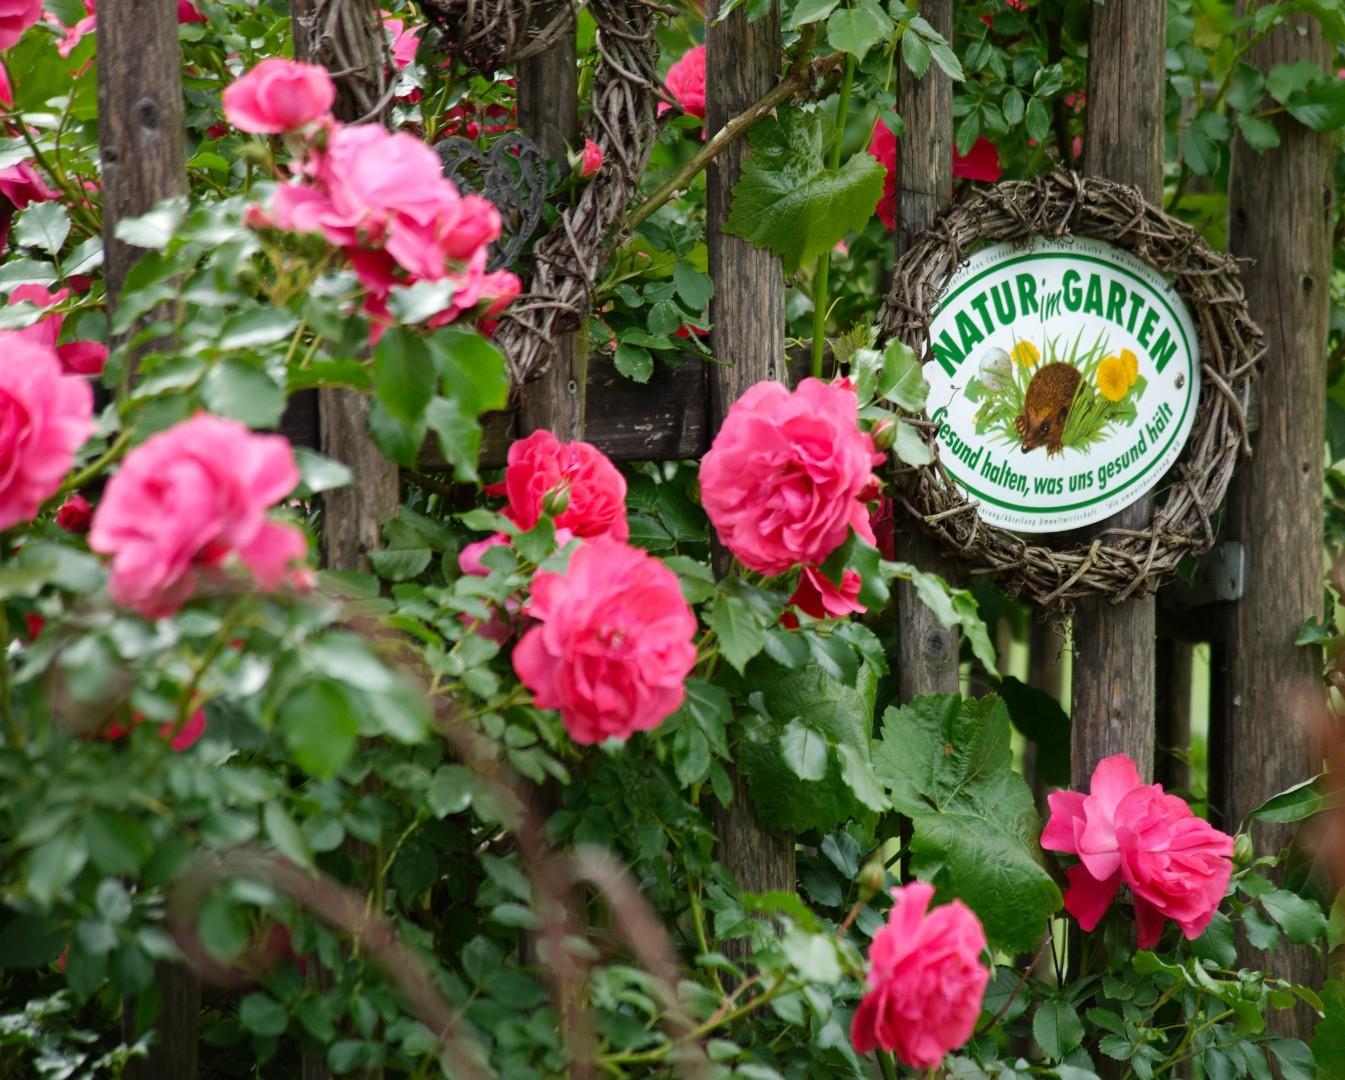 NIG_HAIDEN_2548_Natur_im_Garten_Alexander_Haiden.jpg